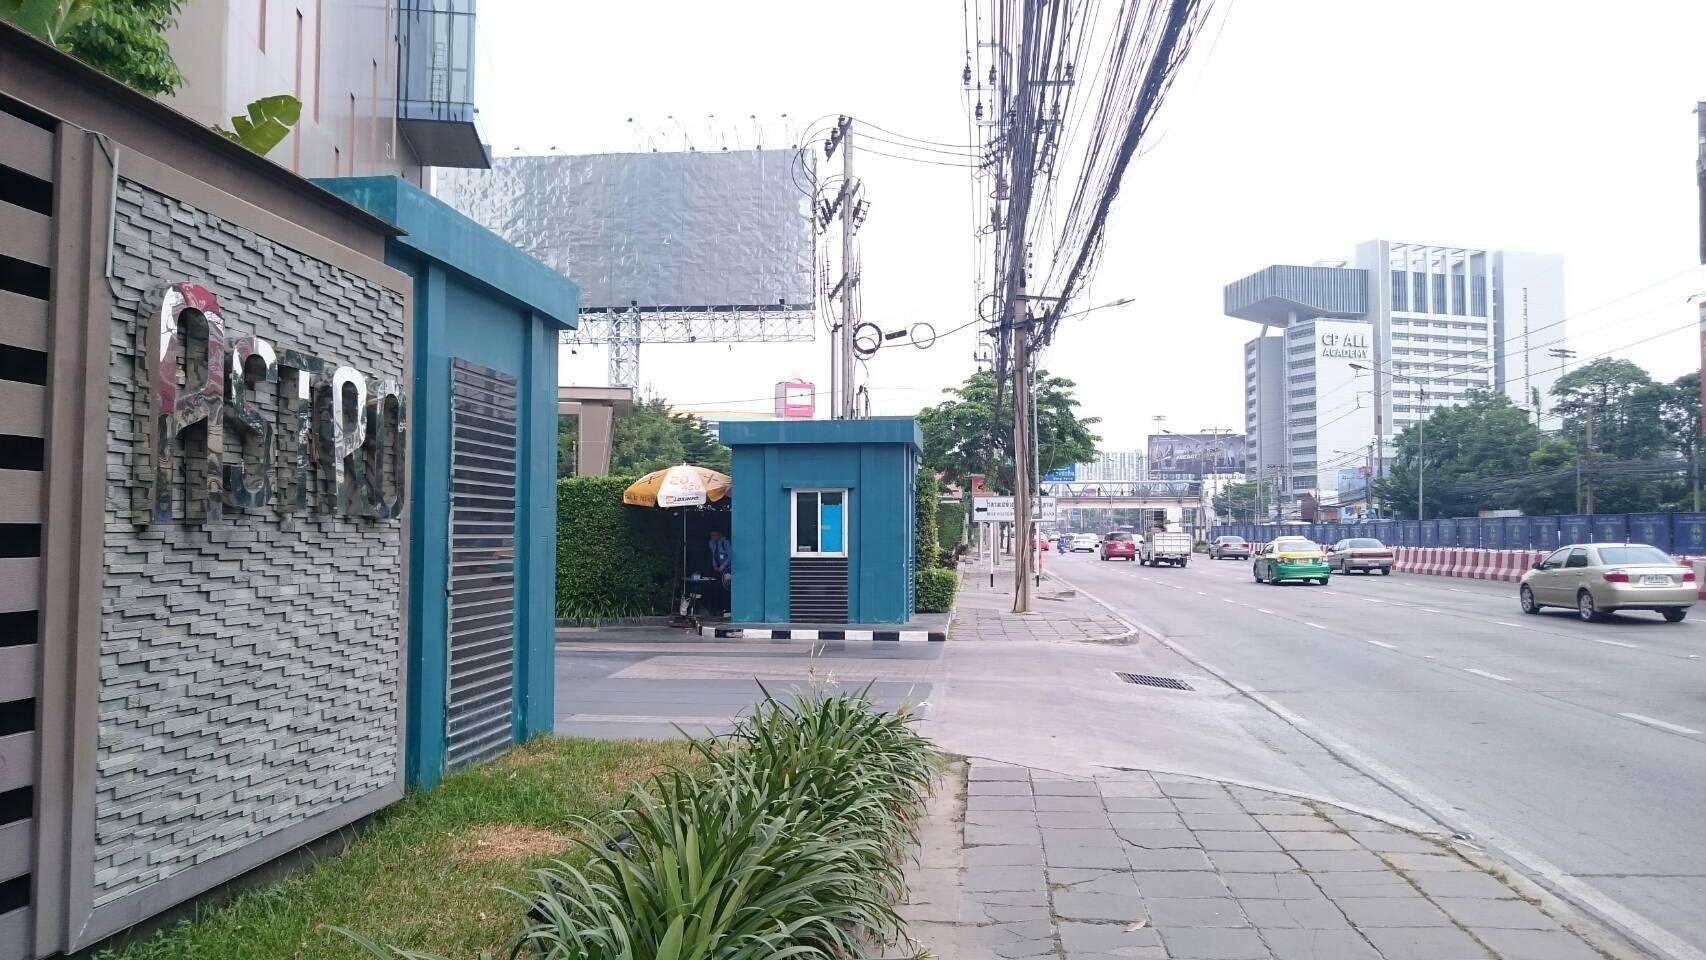 ASTRO, apartment on main street Chaengwattana อพาร์ตเมนต์ 2 ห้องนอน 2 ห้องน้ำส่วนตัว ขนาด 53 ตร.ม. – สนามบินนานาชาติดอนเมือง